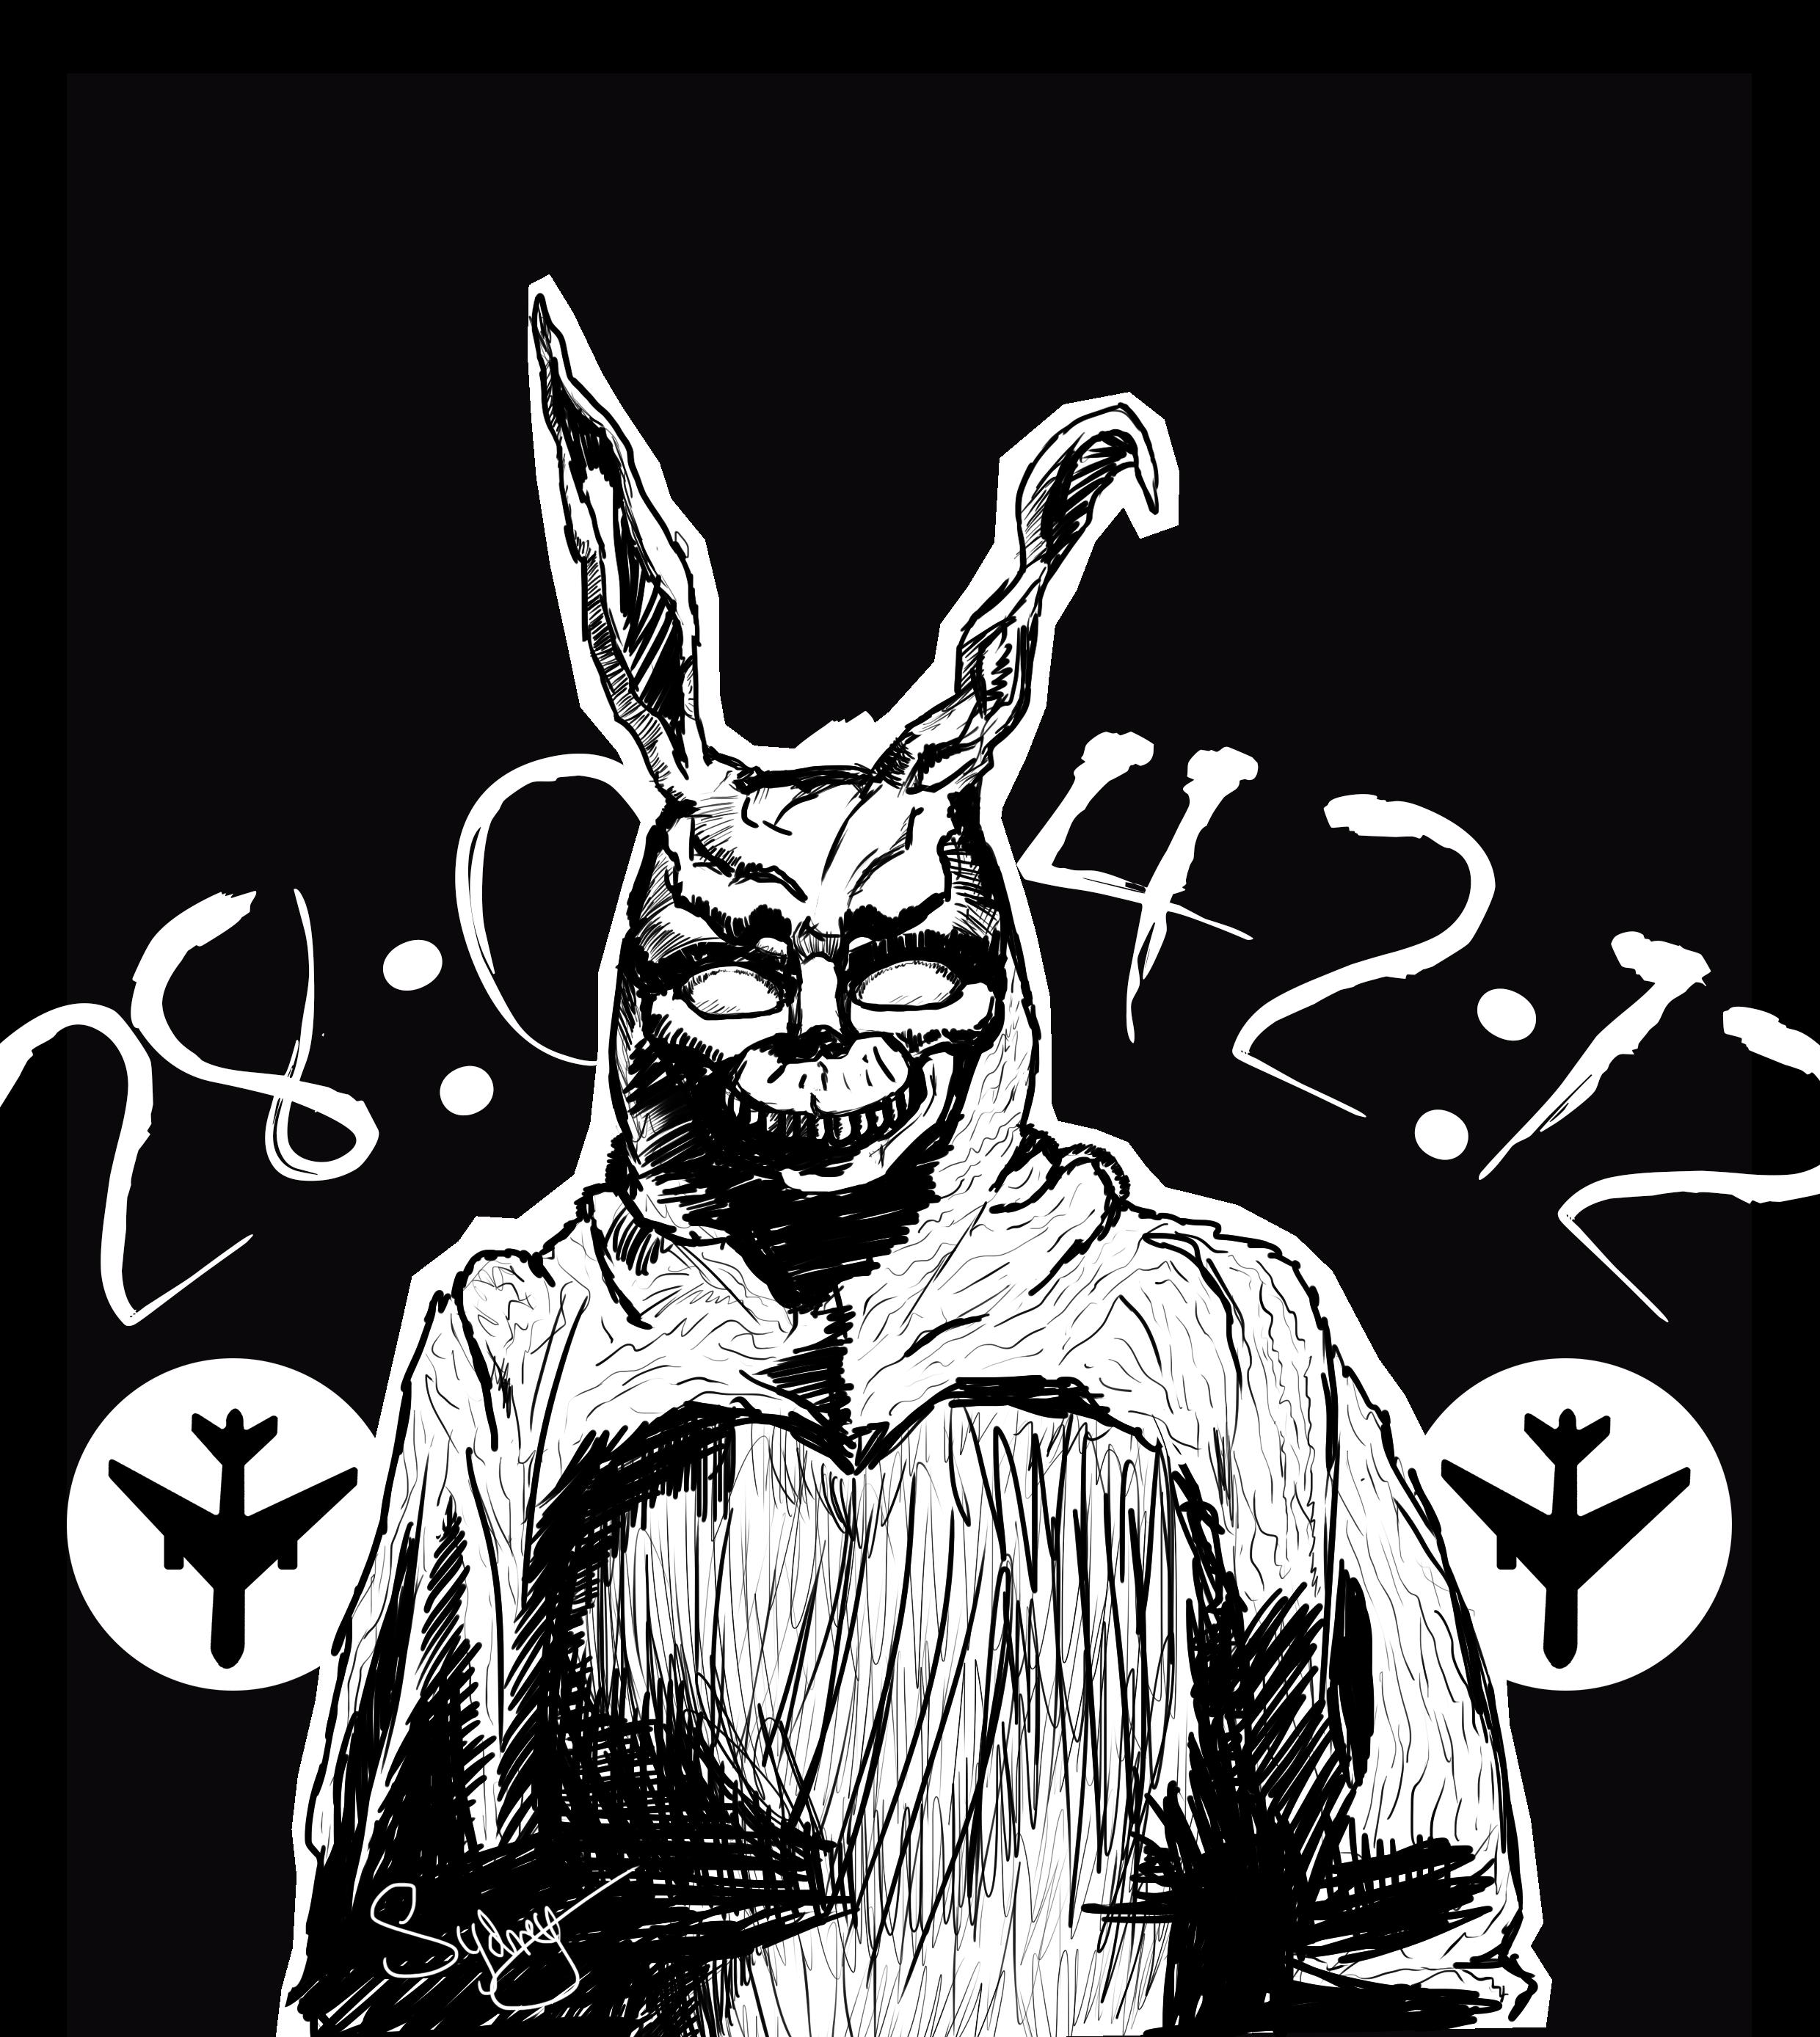 Donnie Darko by sydneypamplona